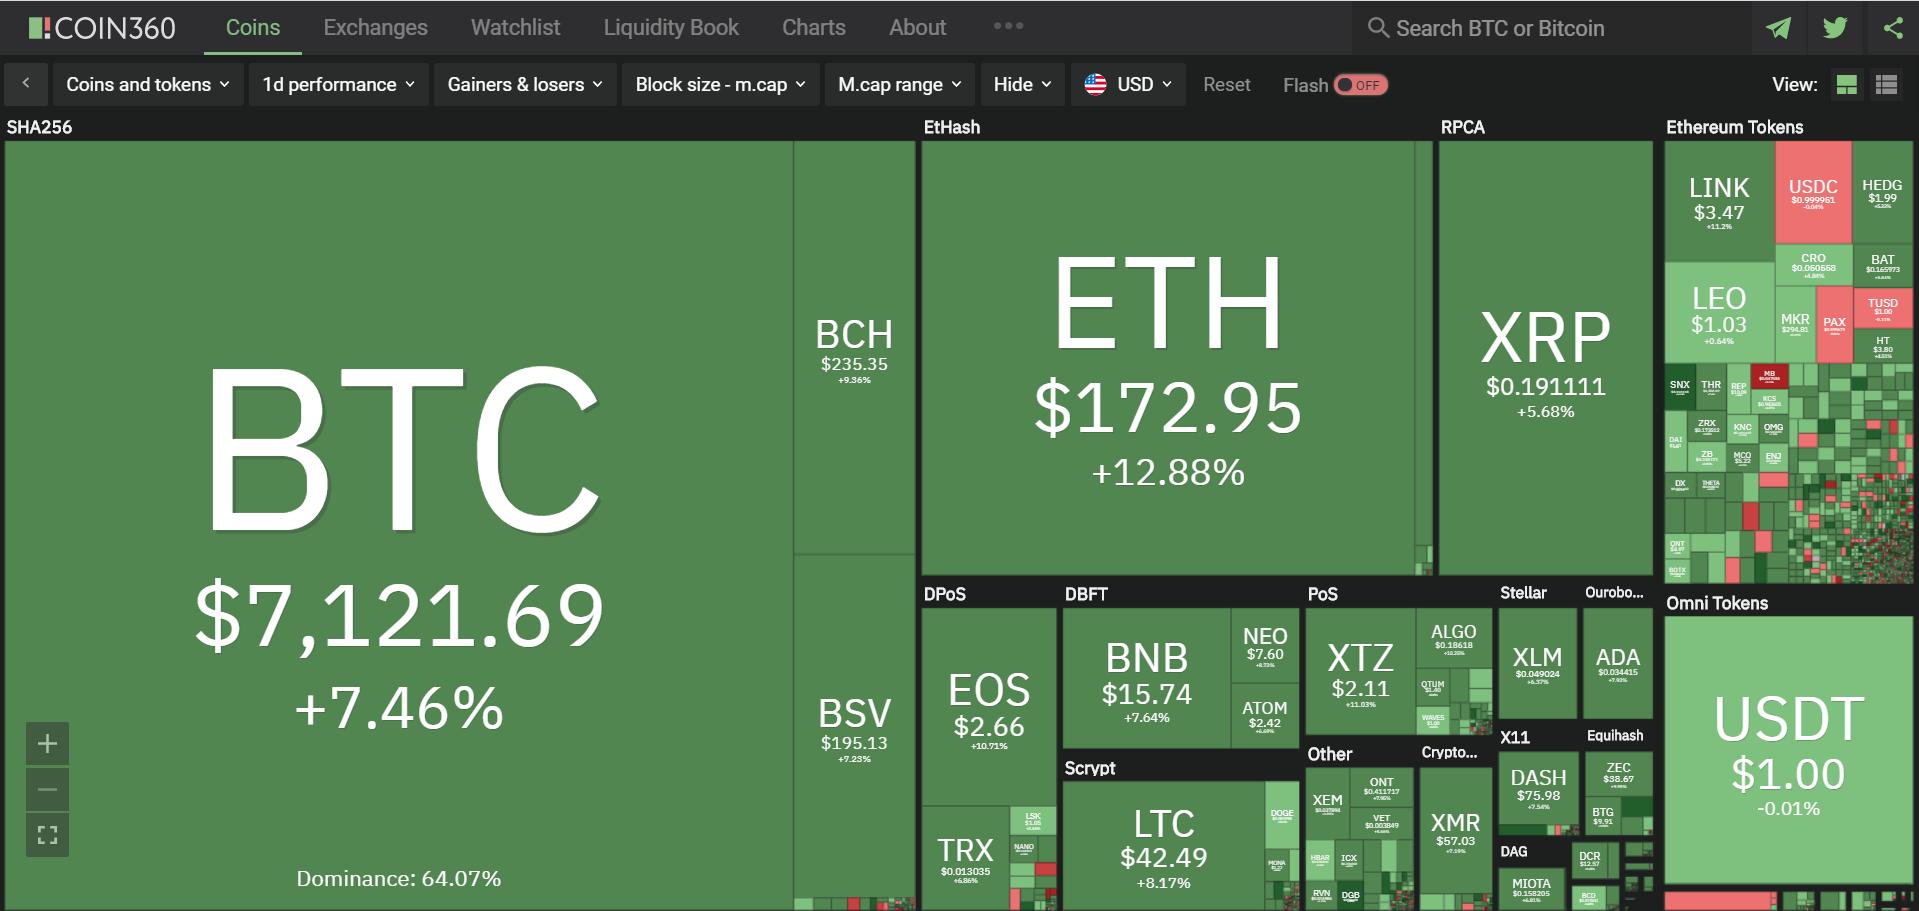 Toàn cảnh thị trường tiền kĩ thuật số hôm nay (17/4) (Nguồn: Coin360.com)